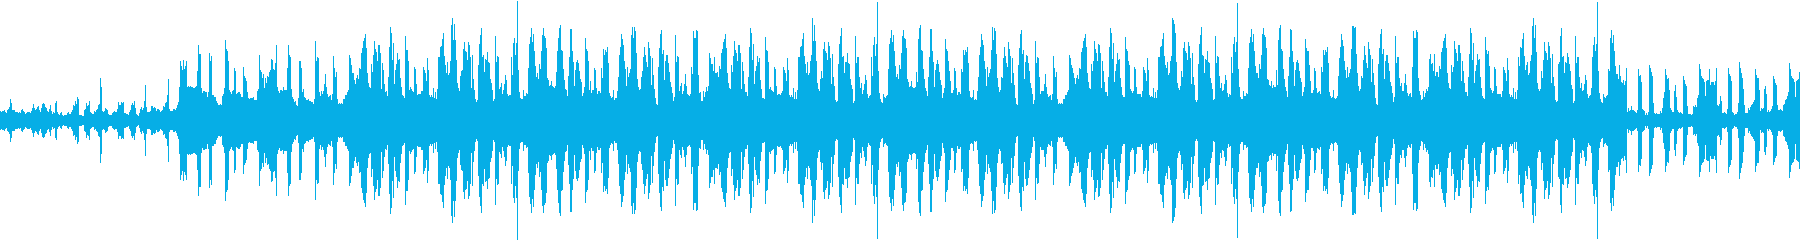 ドライブで聴きたくなるゆったりBGMの再生済みの波形